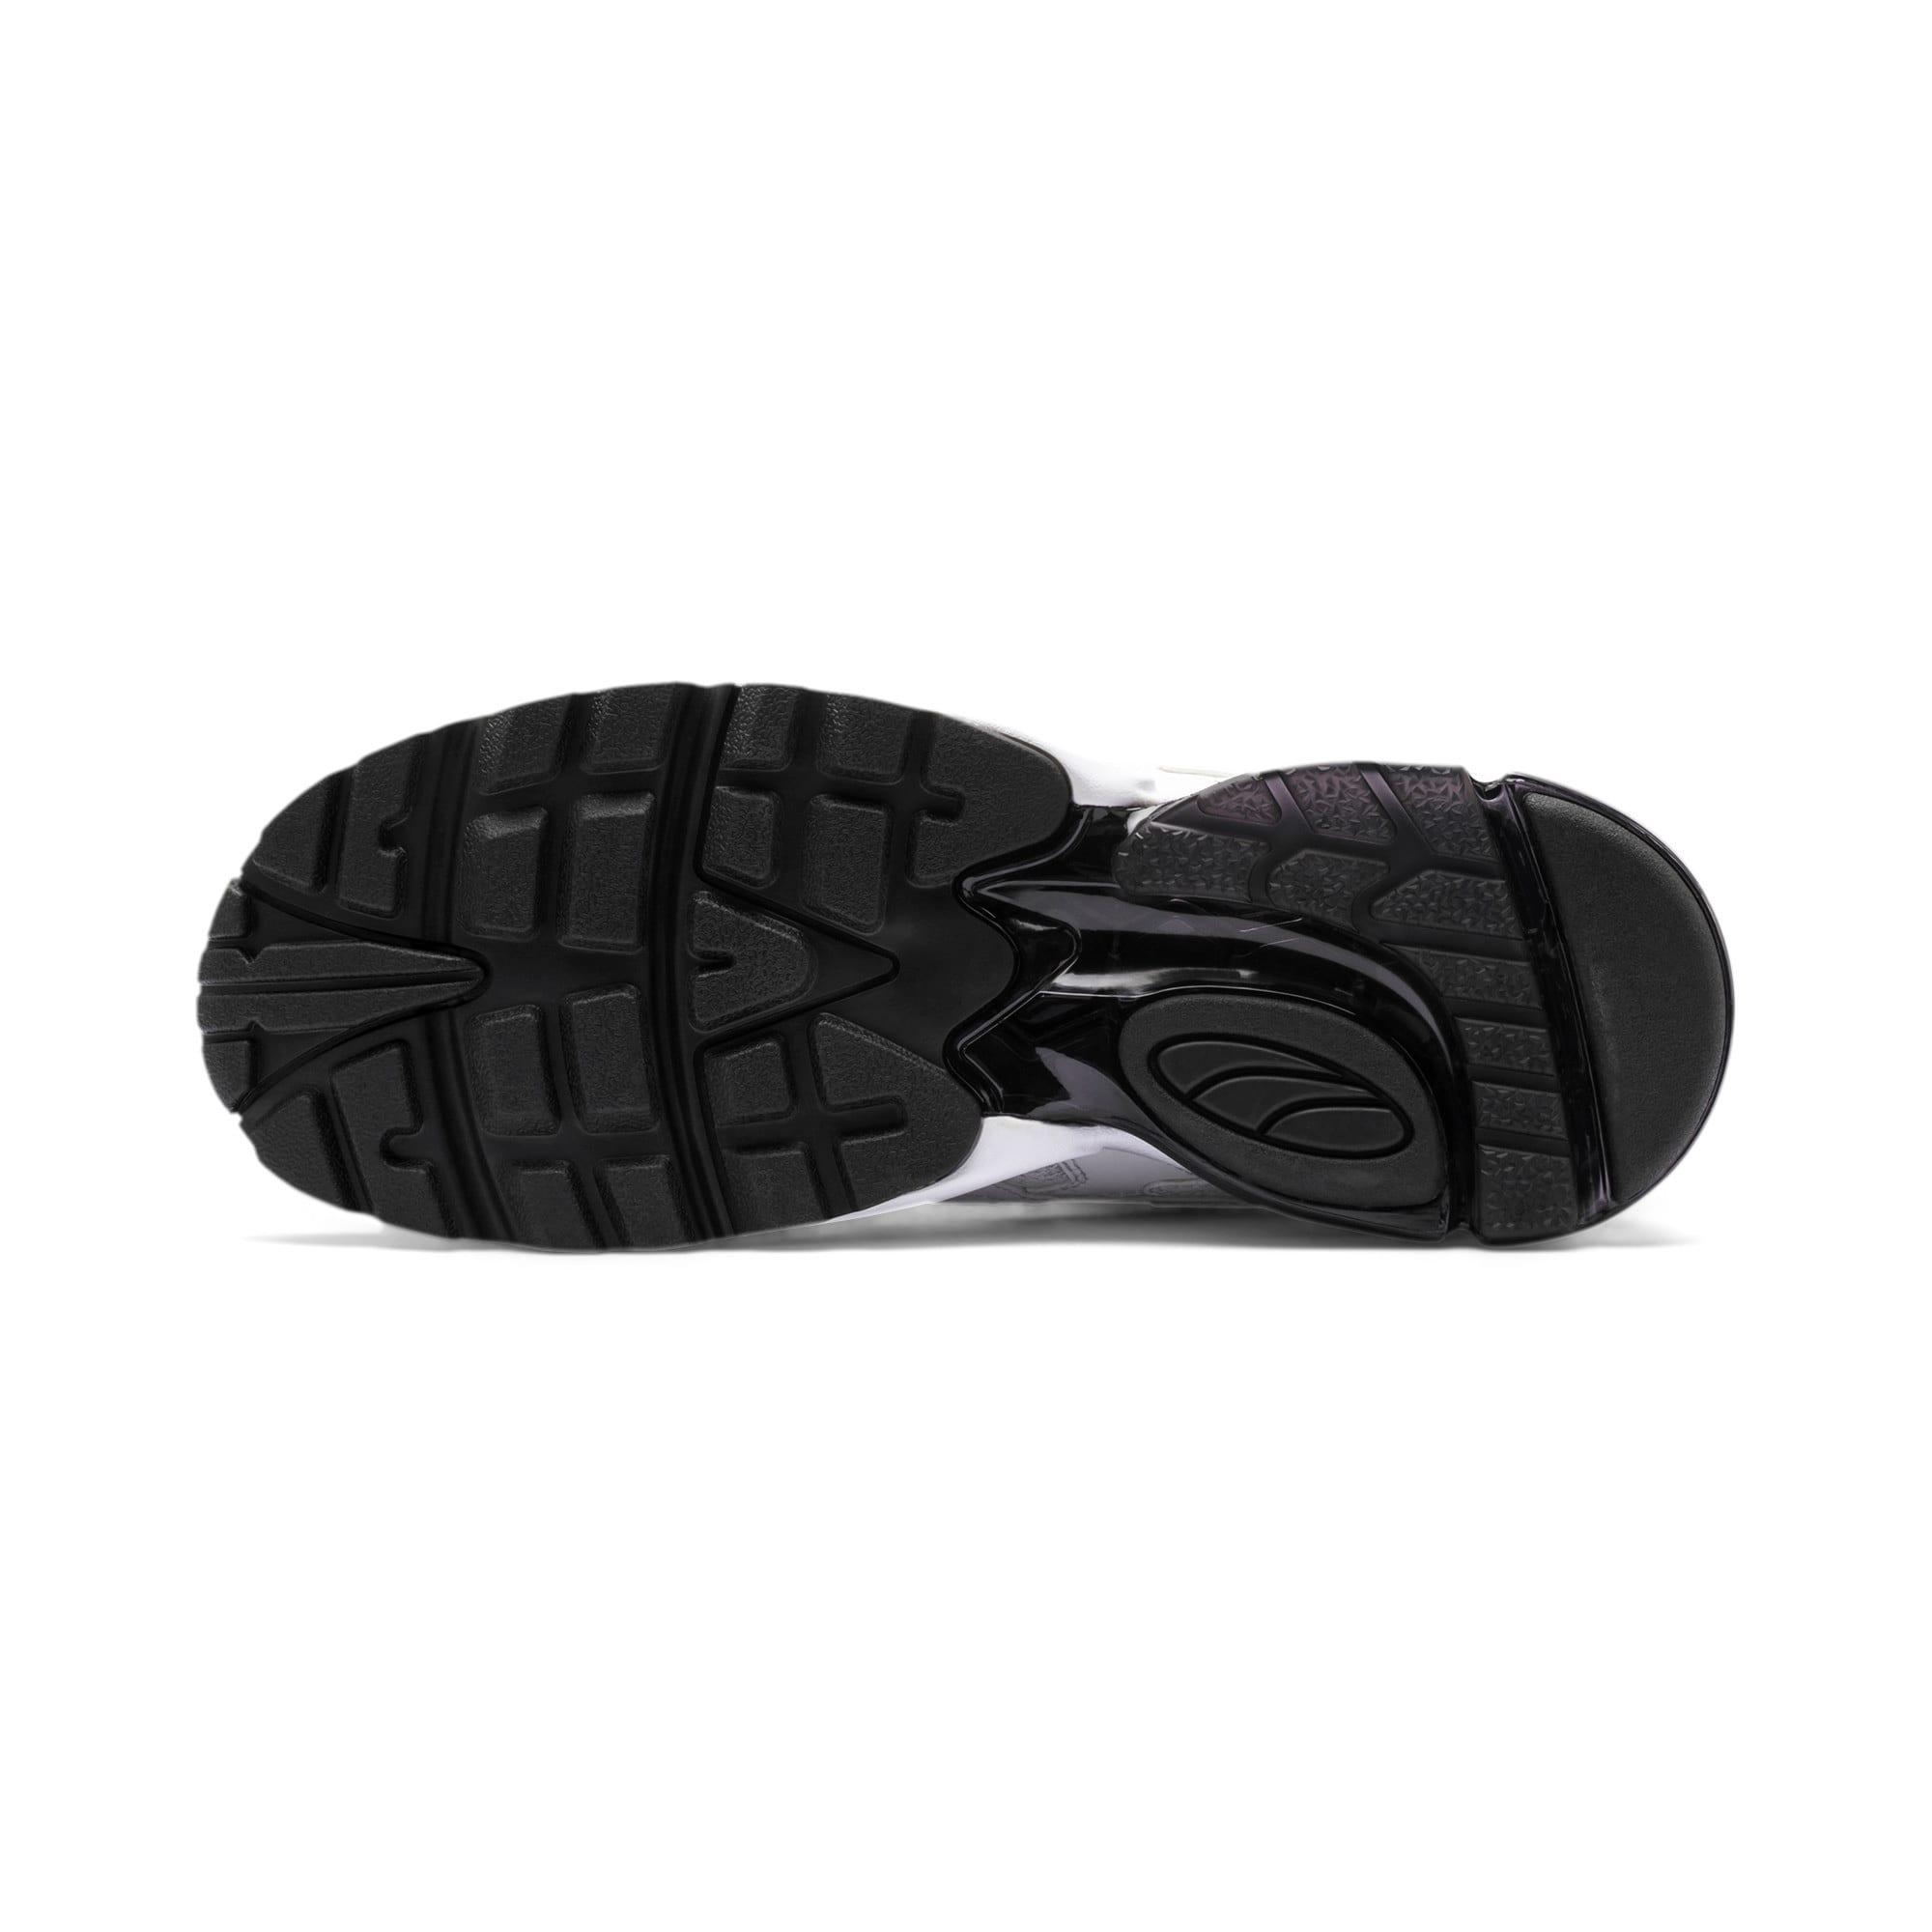 Thumbnail 5 of CELL Alien OG Sneaker, Puma Black-Puma White, medium